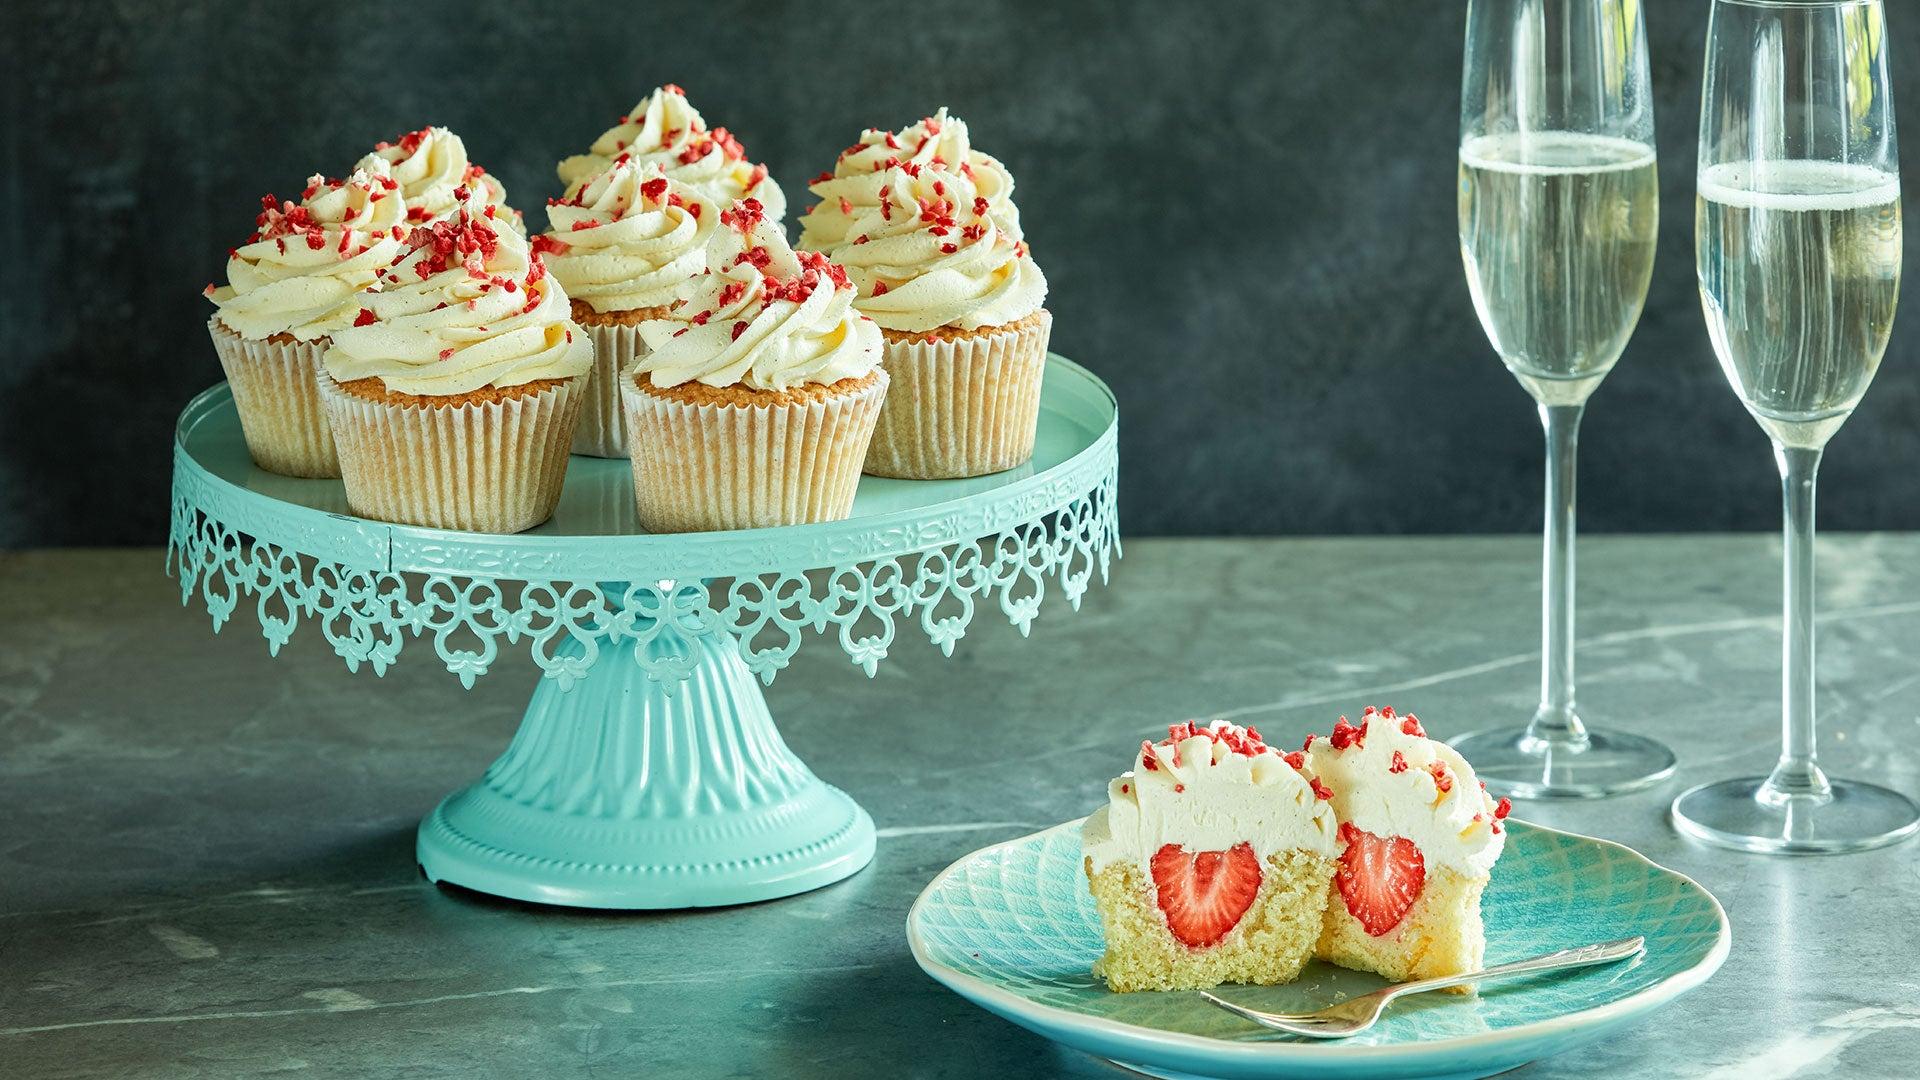 Strawberry & Prosecco Cupcakes